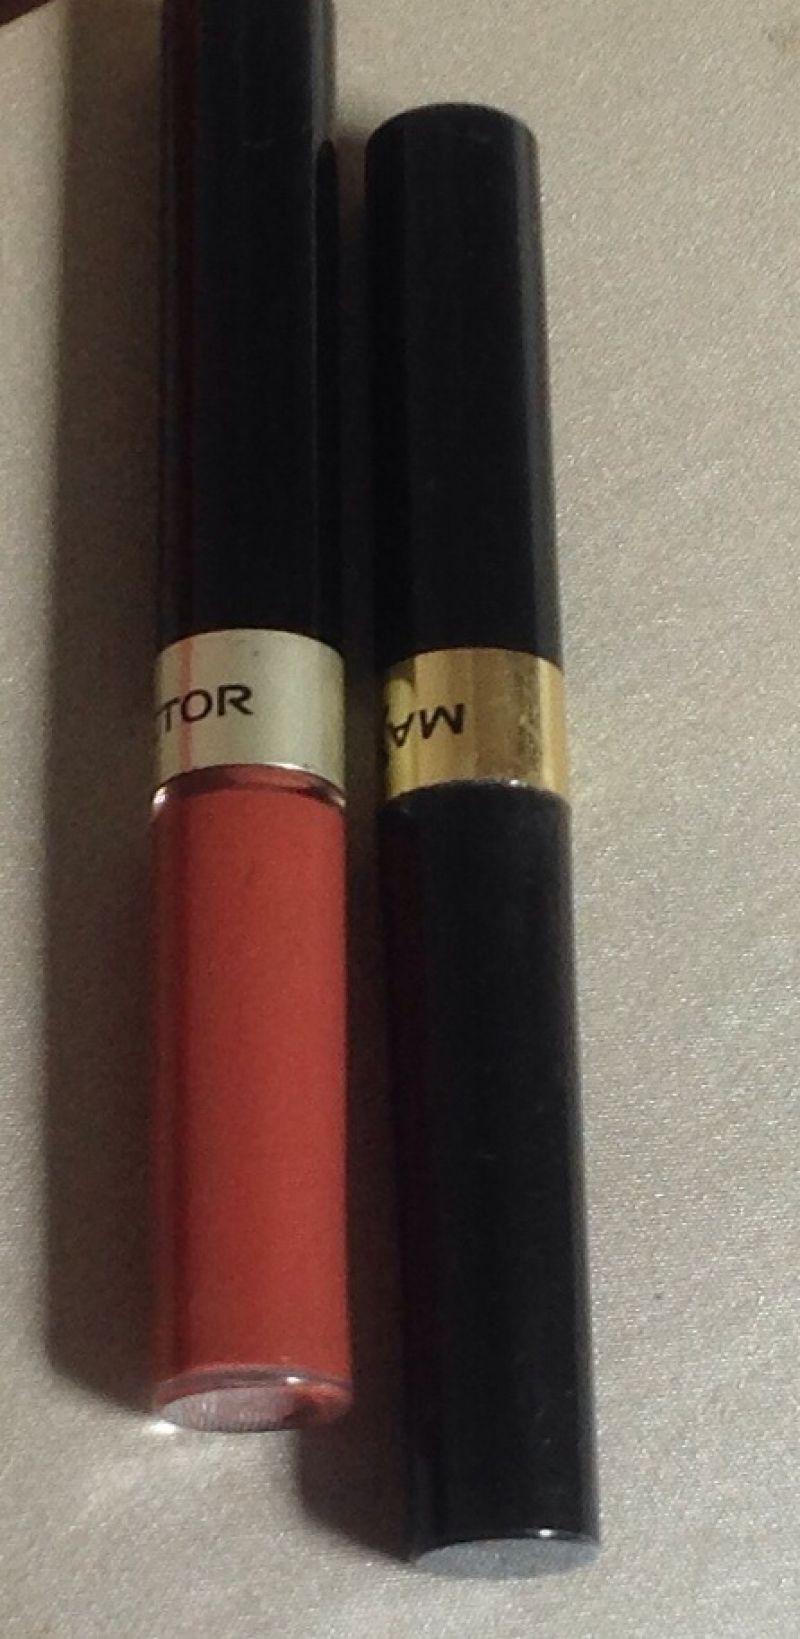 Rouge a lèvre liquide matte, Max Factor : Chahra94 aime !